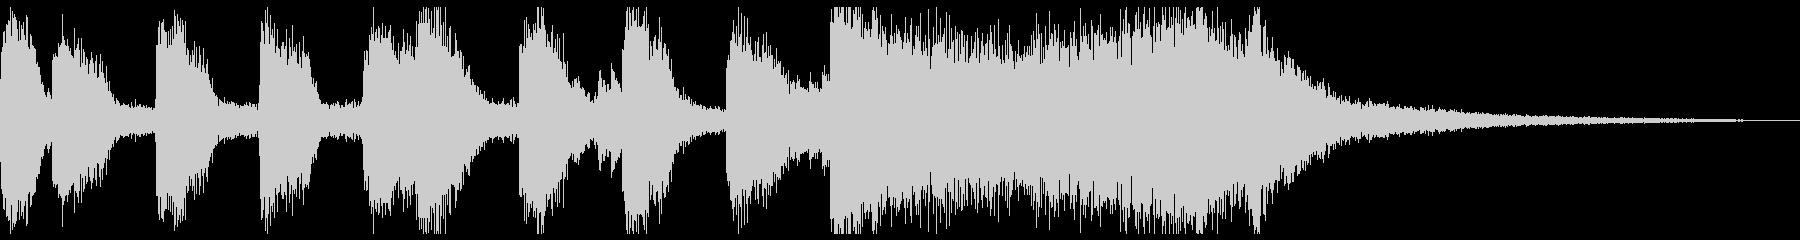 ラテンノリの可愛いファンファーレの未再生の波形